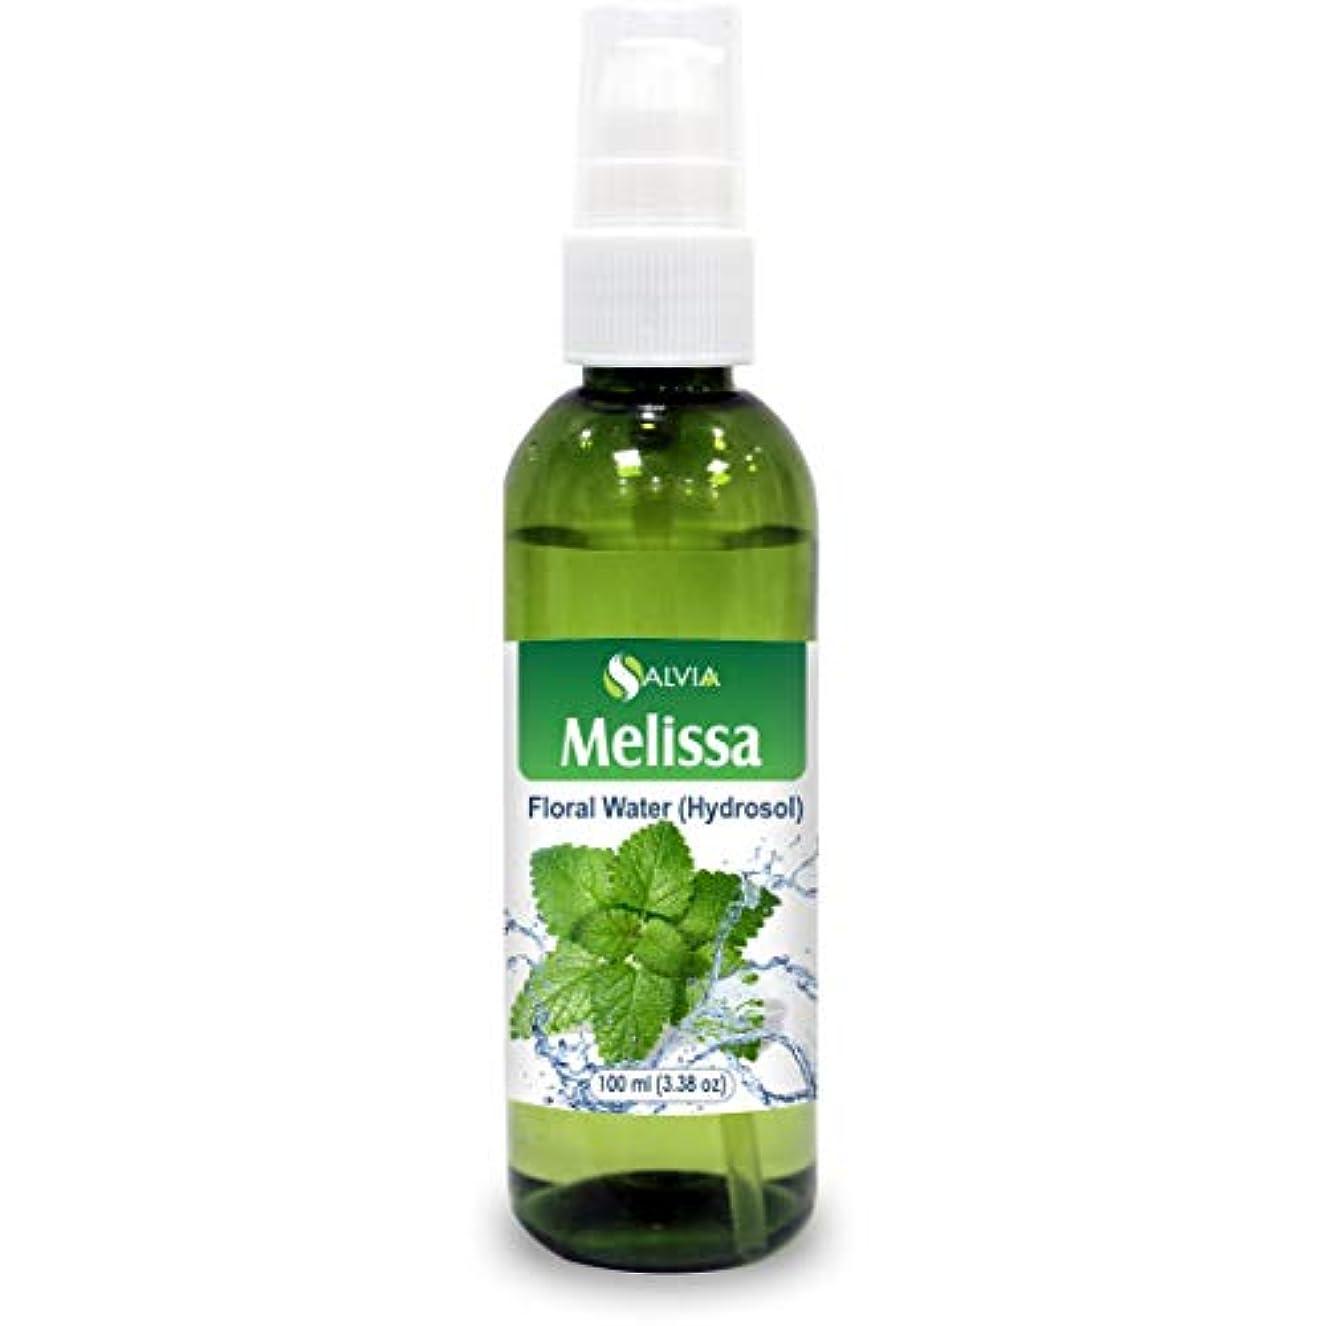 非効率的なながらお酢Melissa (Lemon Balm) Floral Water 100ml (Hydrosol) 100% Pure And Natural